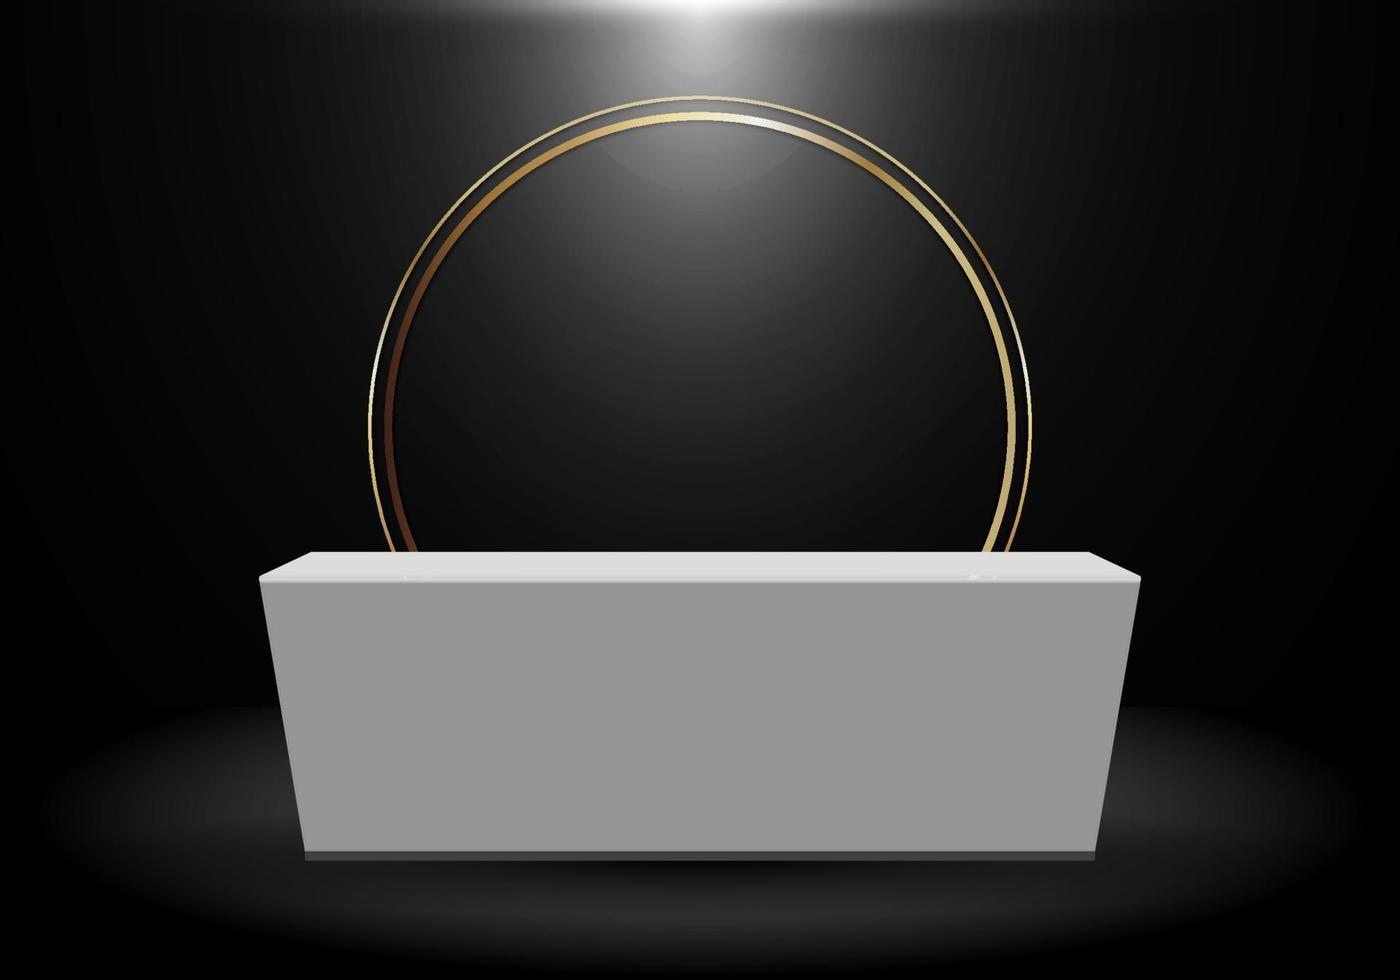 Rendering 3D realistico prodotto nero sullo scaffale in piedi sullo sfondo con cerchio oro bianco vuoto piedistallo podio display su sfondo scuro vettore